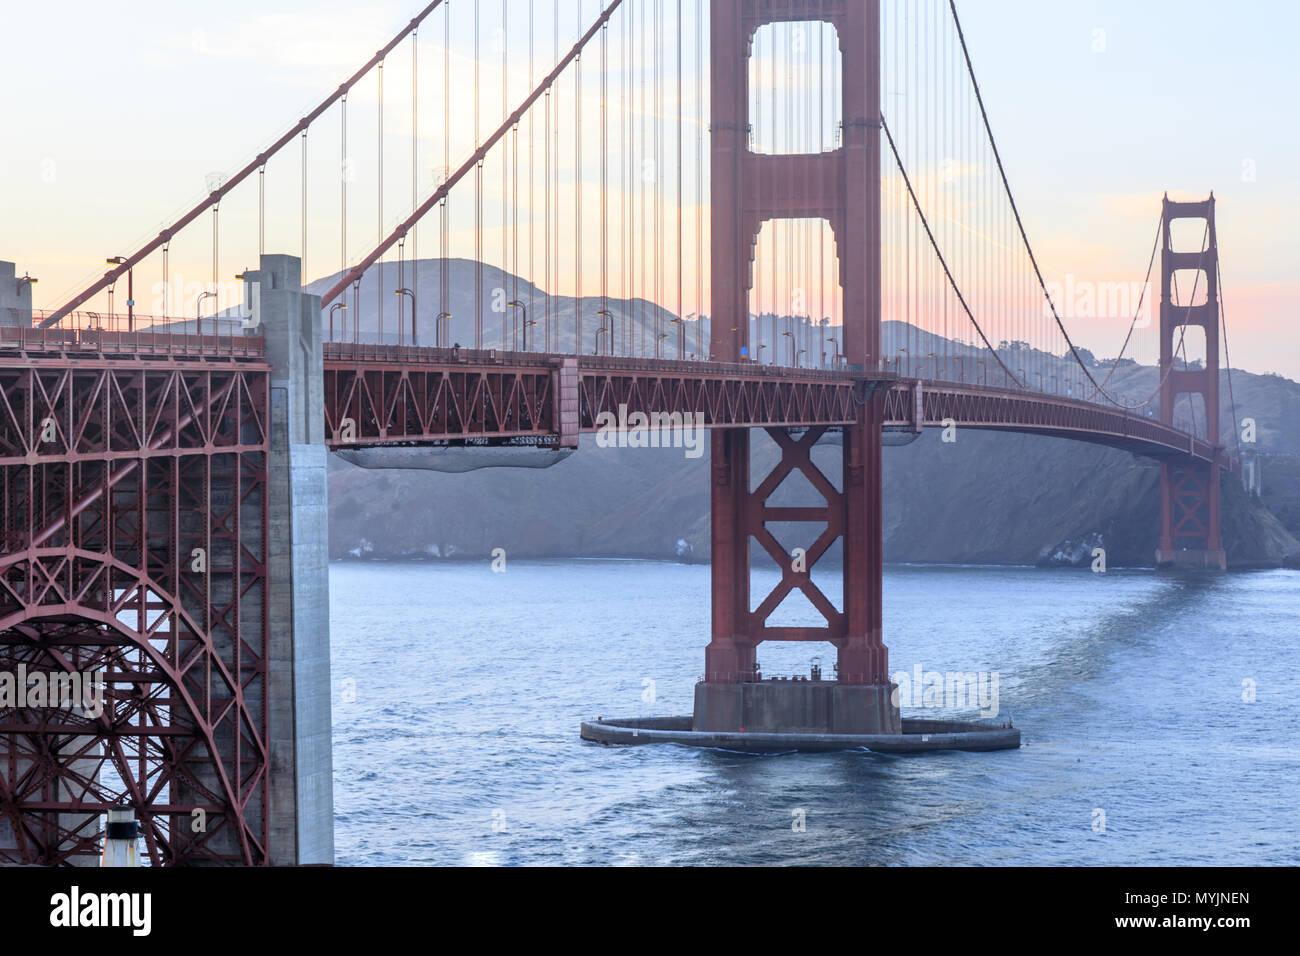 Tramonto sul Golden Gate Bridge come si vede dalla span meridionale dell'estremità. Immagini Stock